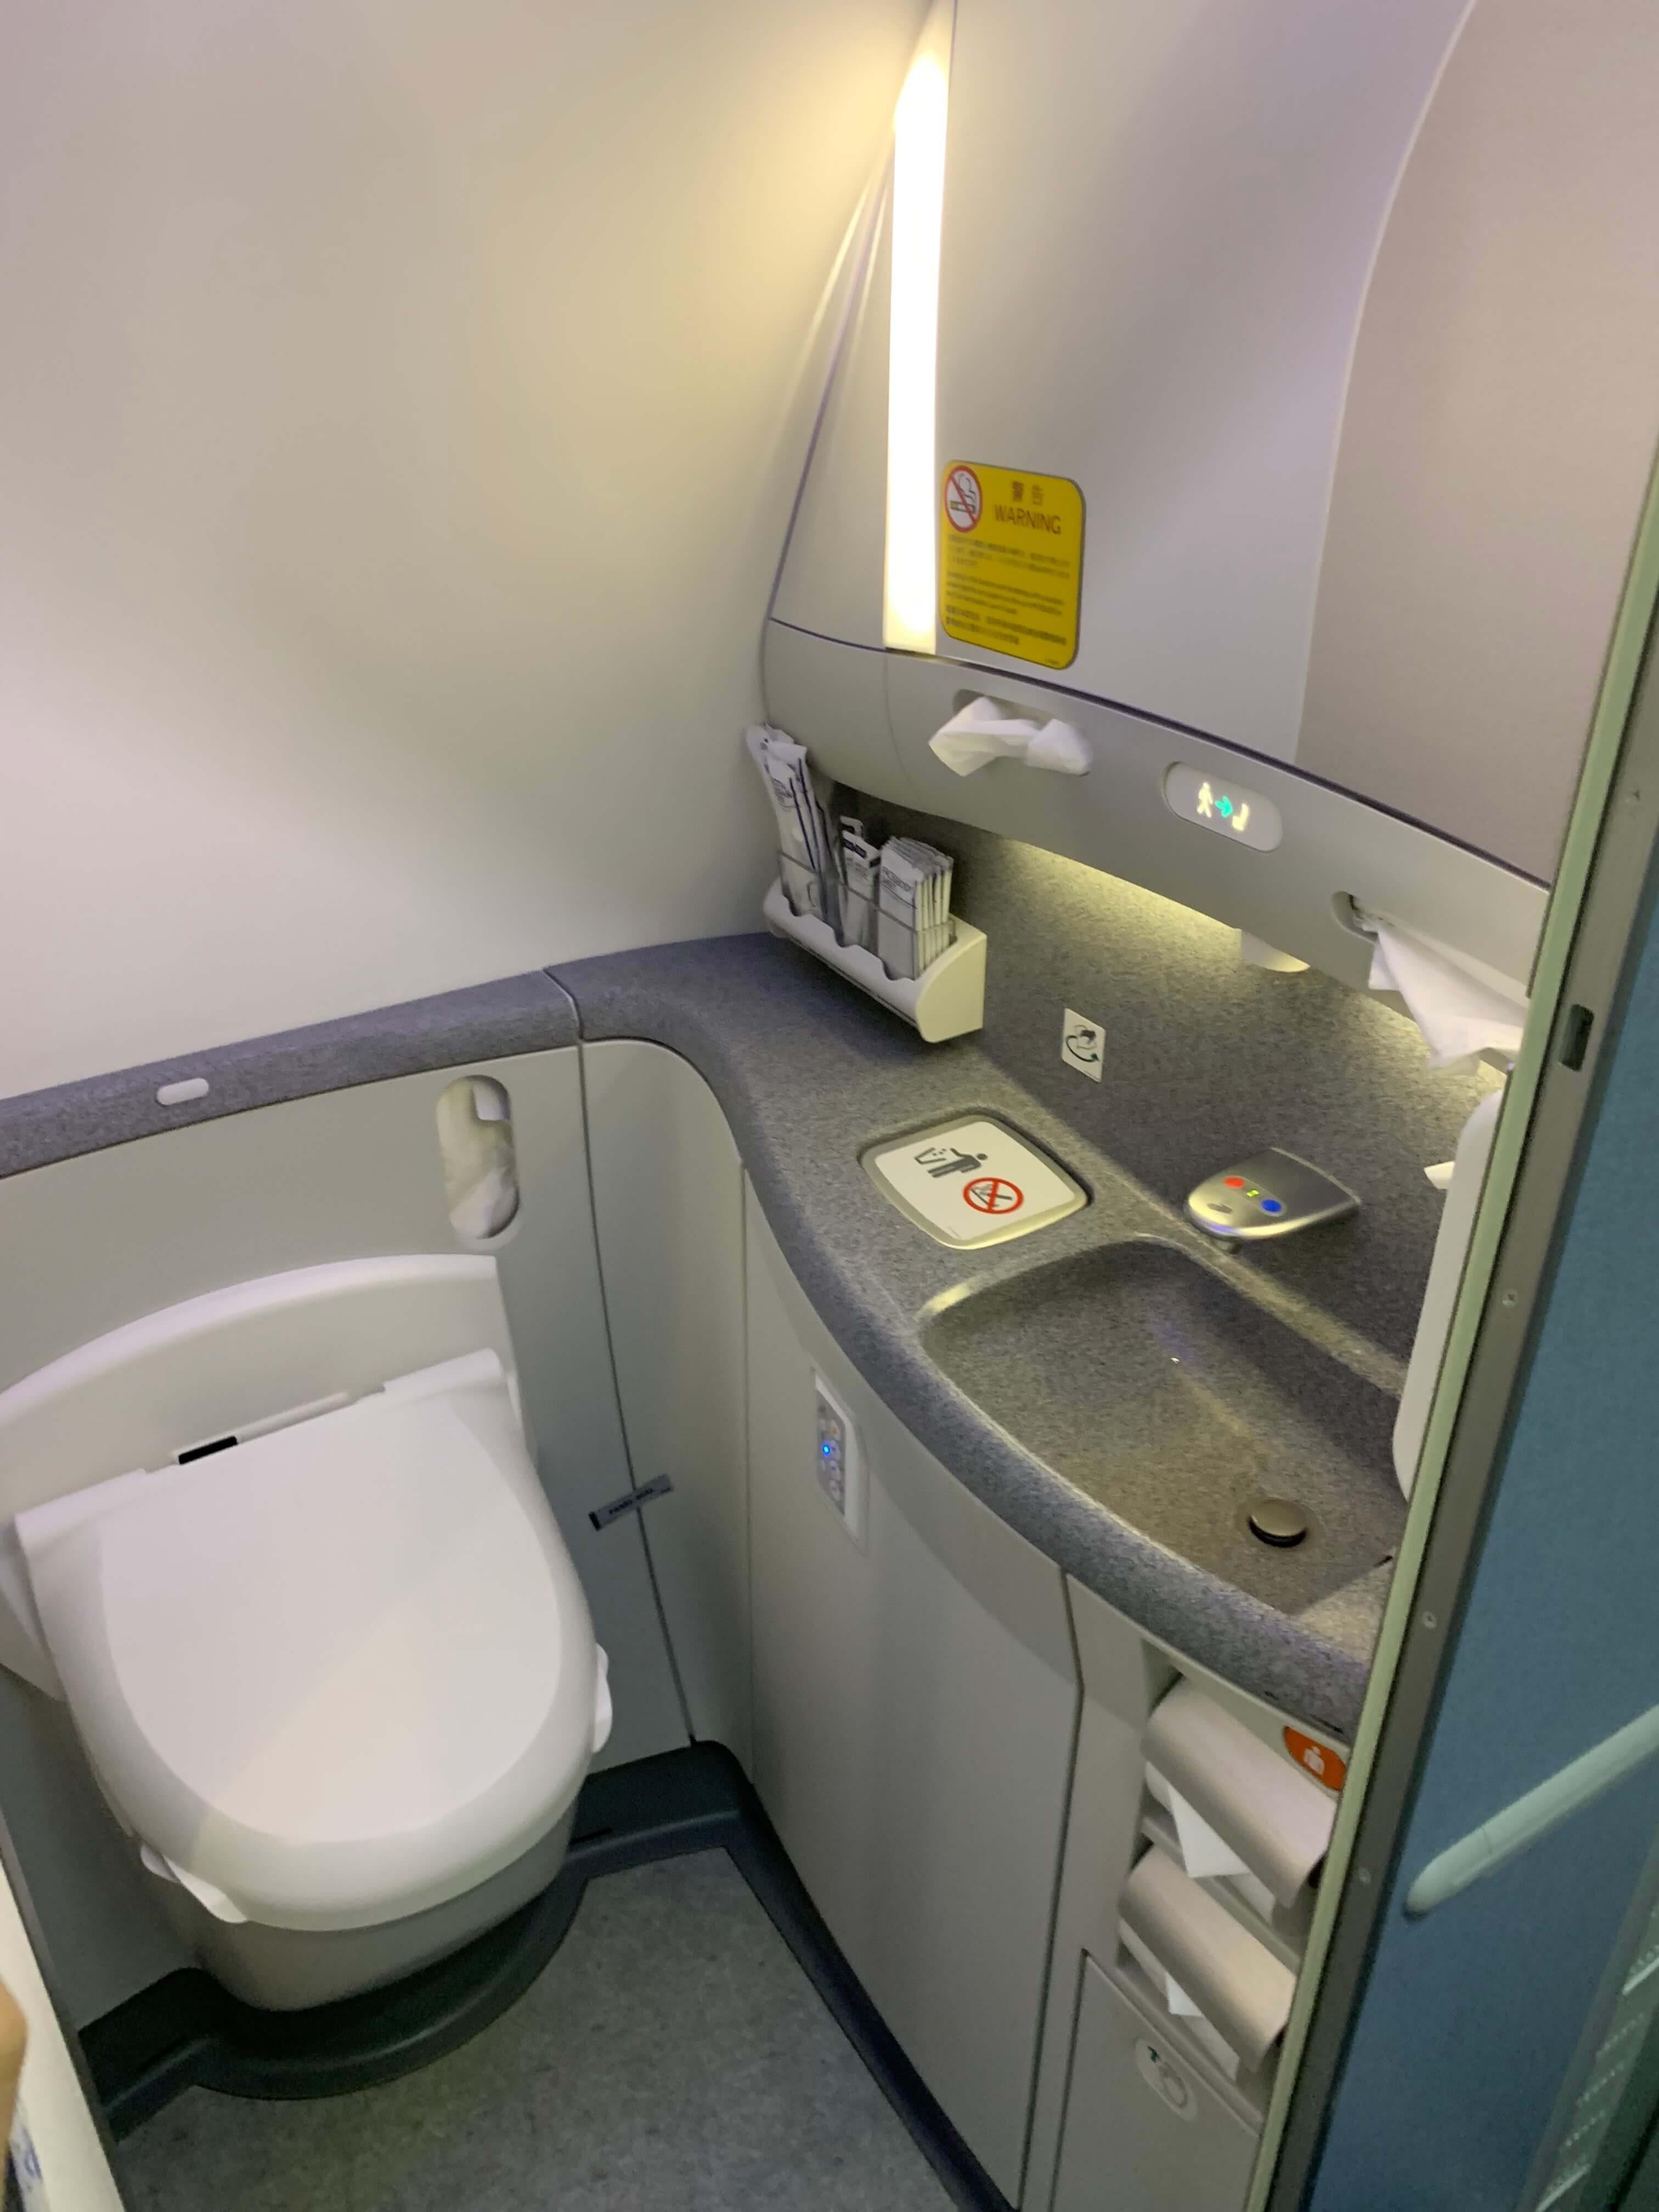 ANA全日空航空787-9 Business Class 商務艙 乘搭報告